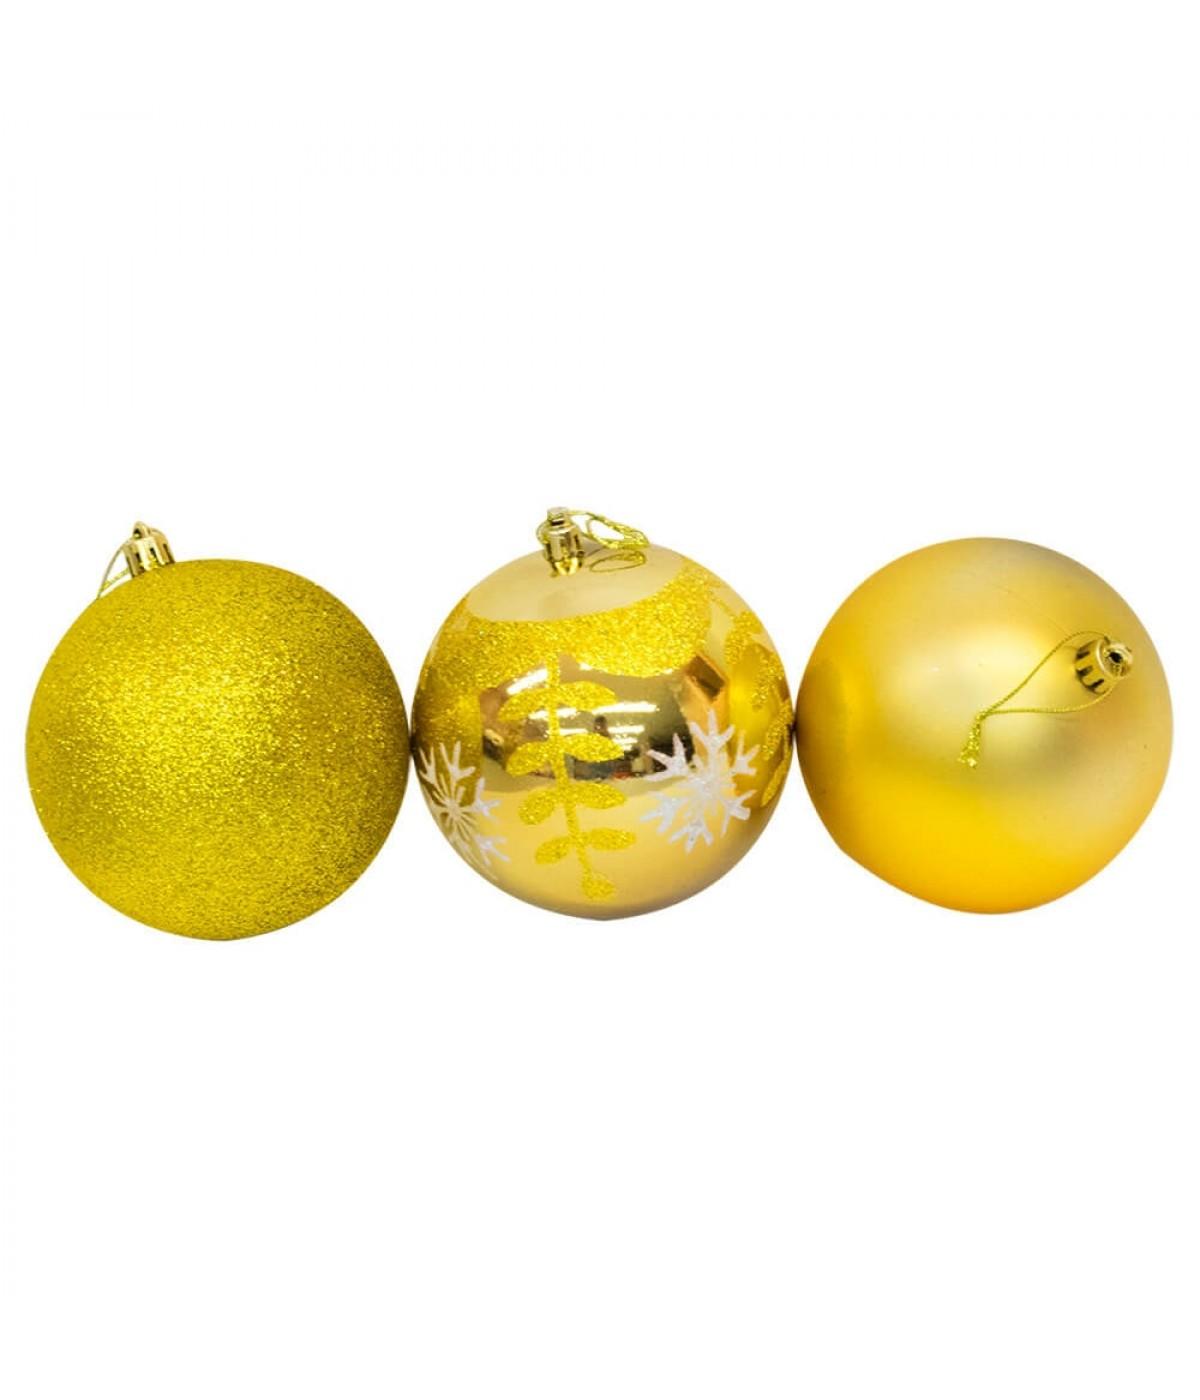 Jogo Com 6 Bolas Natalinas Douradas 10cm - Enfeite Natalino